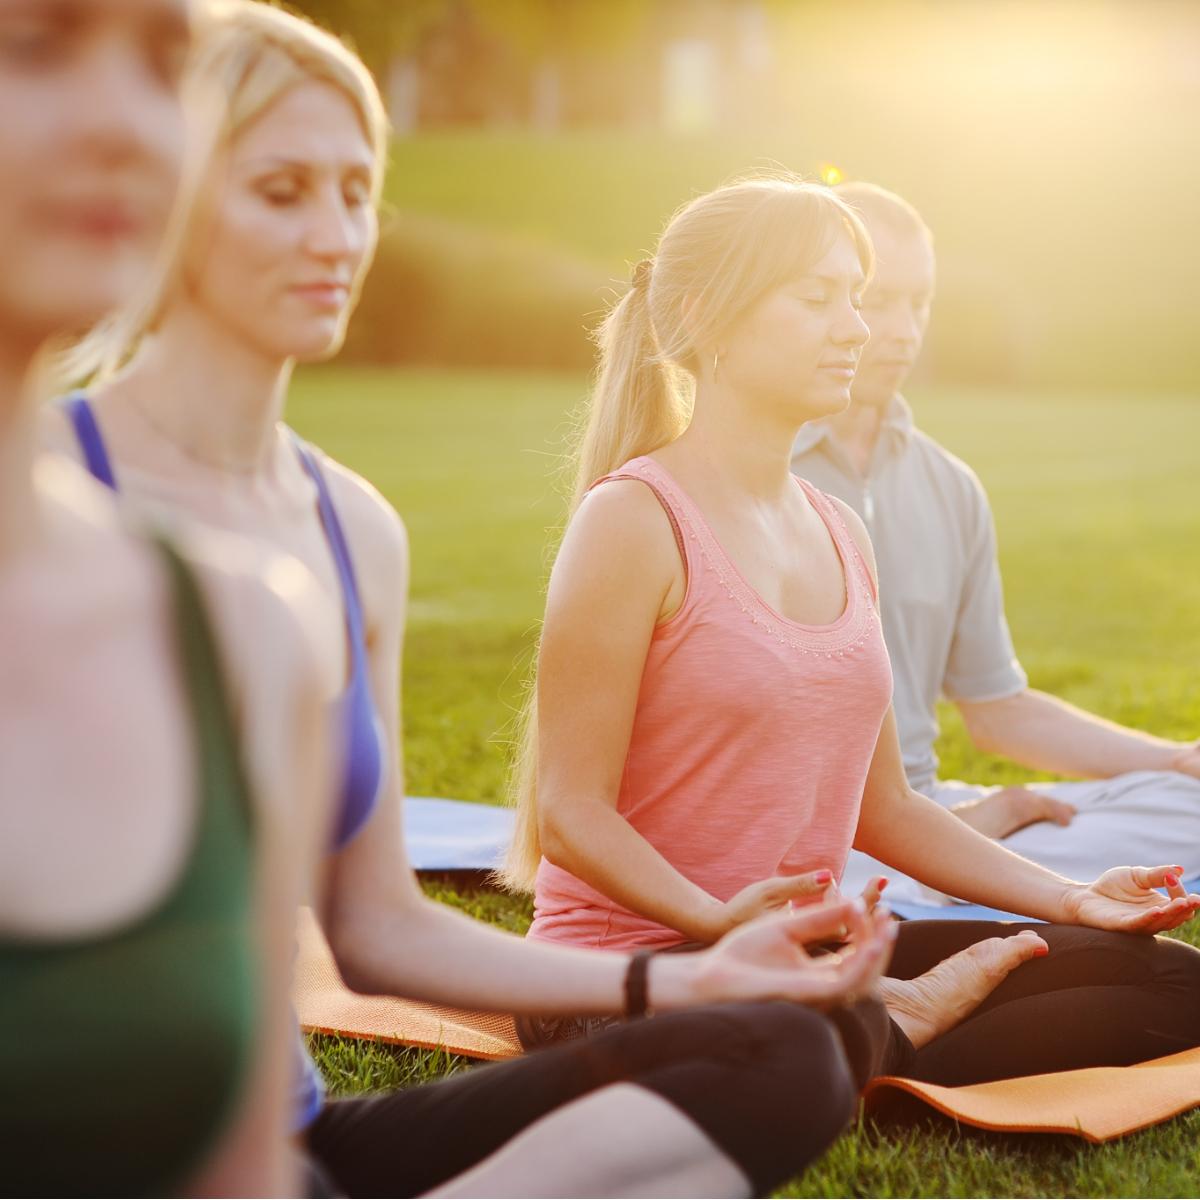 Urban Sports Club Yoga Outdoor